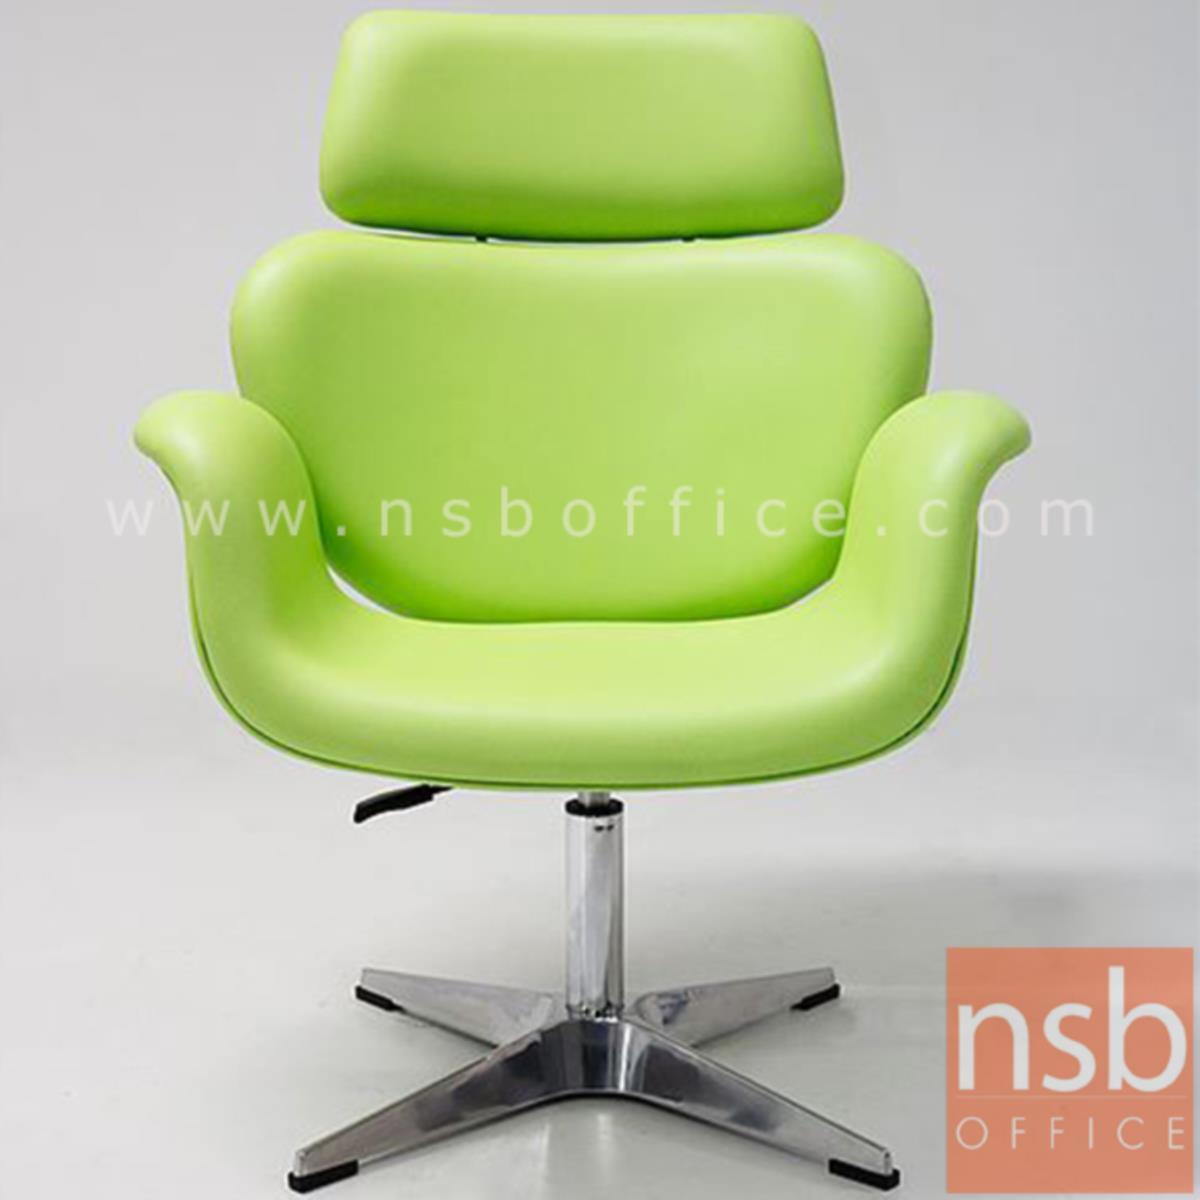 เก้าอี้พักผ่อนหนังเทียม รุ่น PL-PT  โครงเหล็กชุบโครเมี่ยม